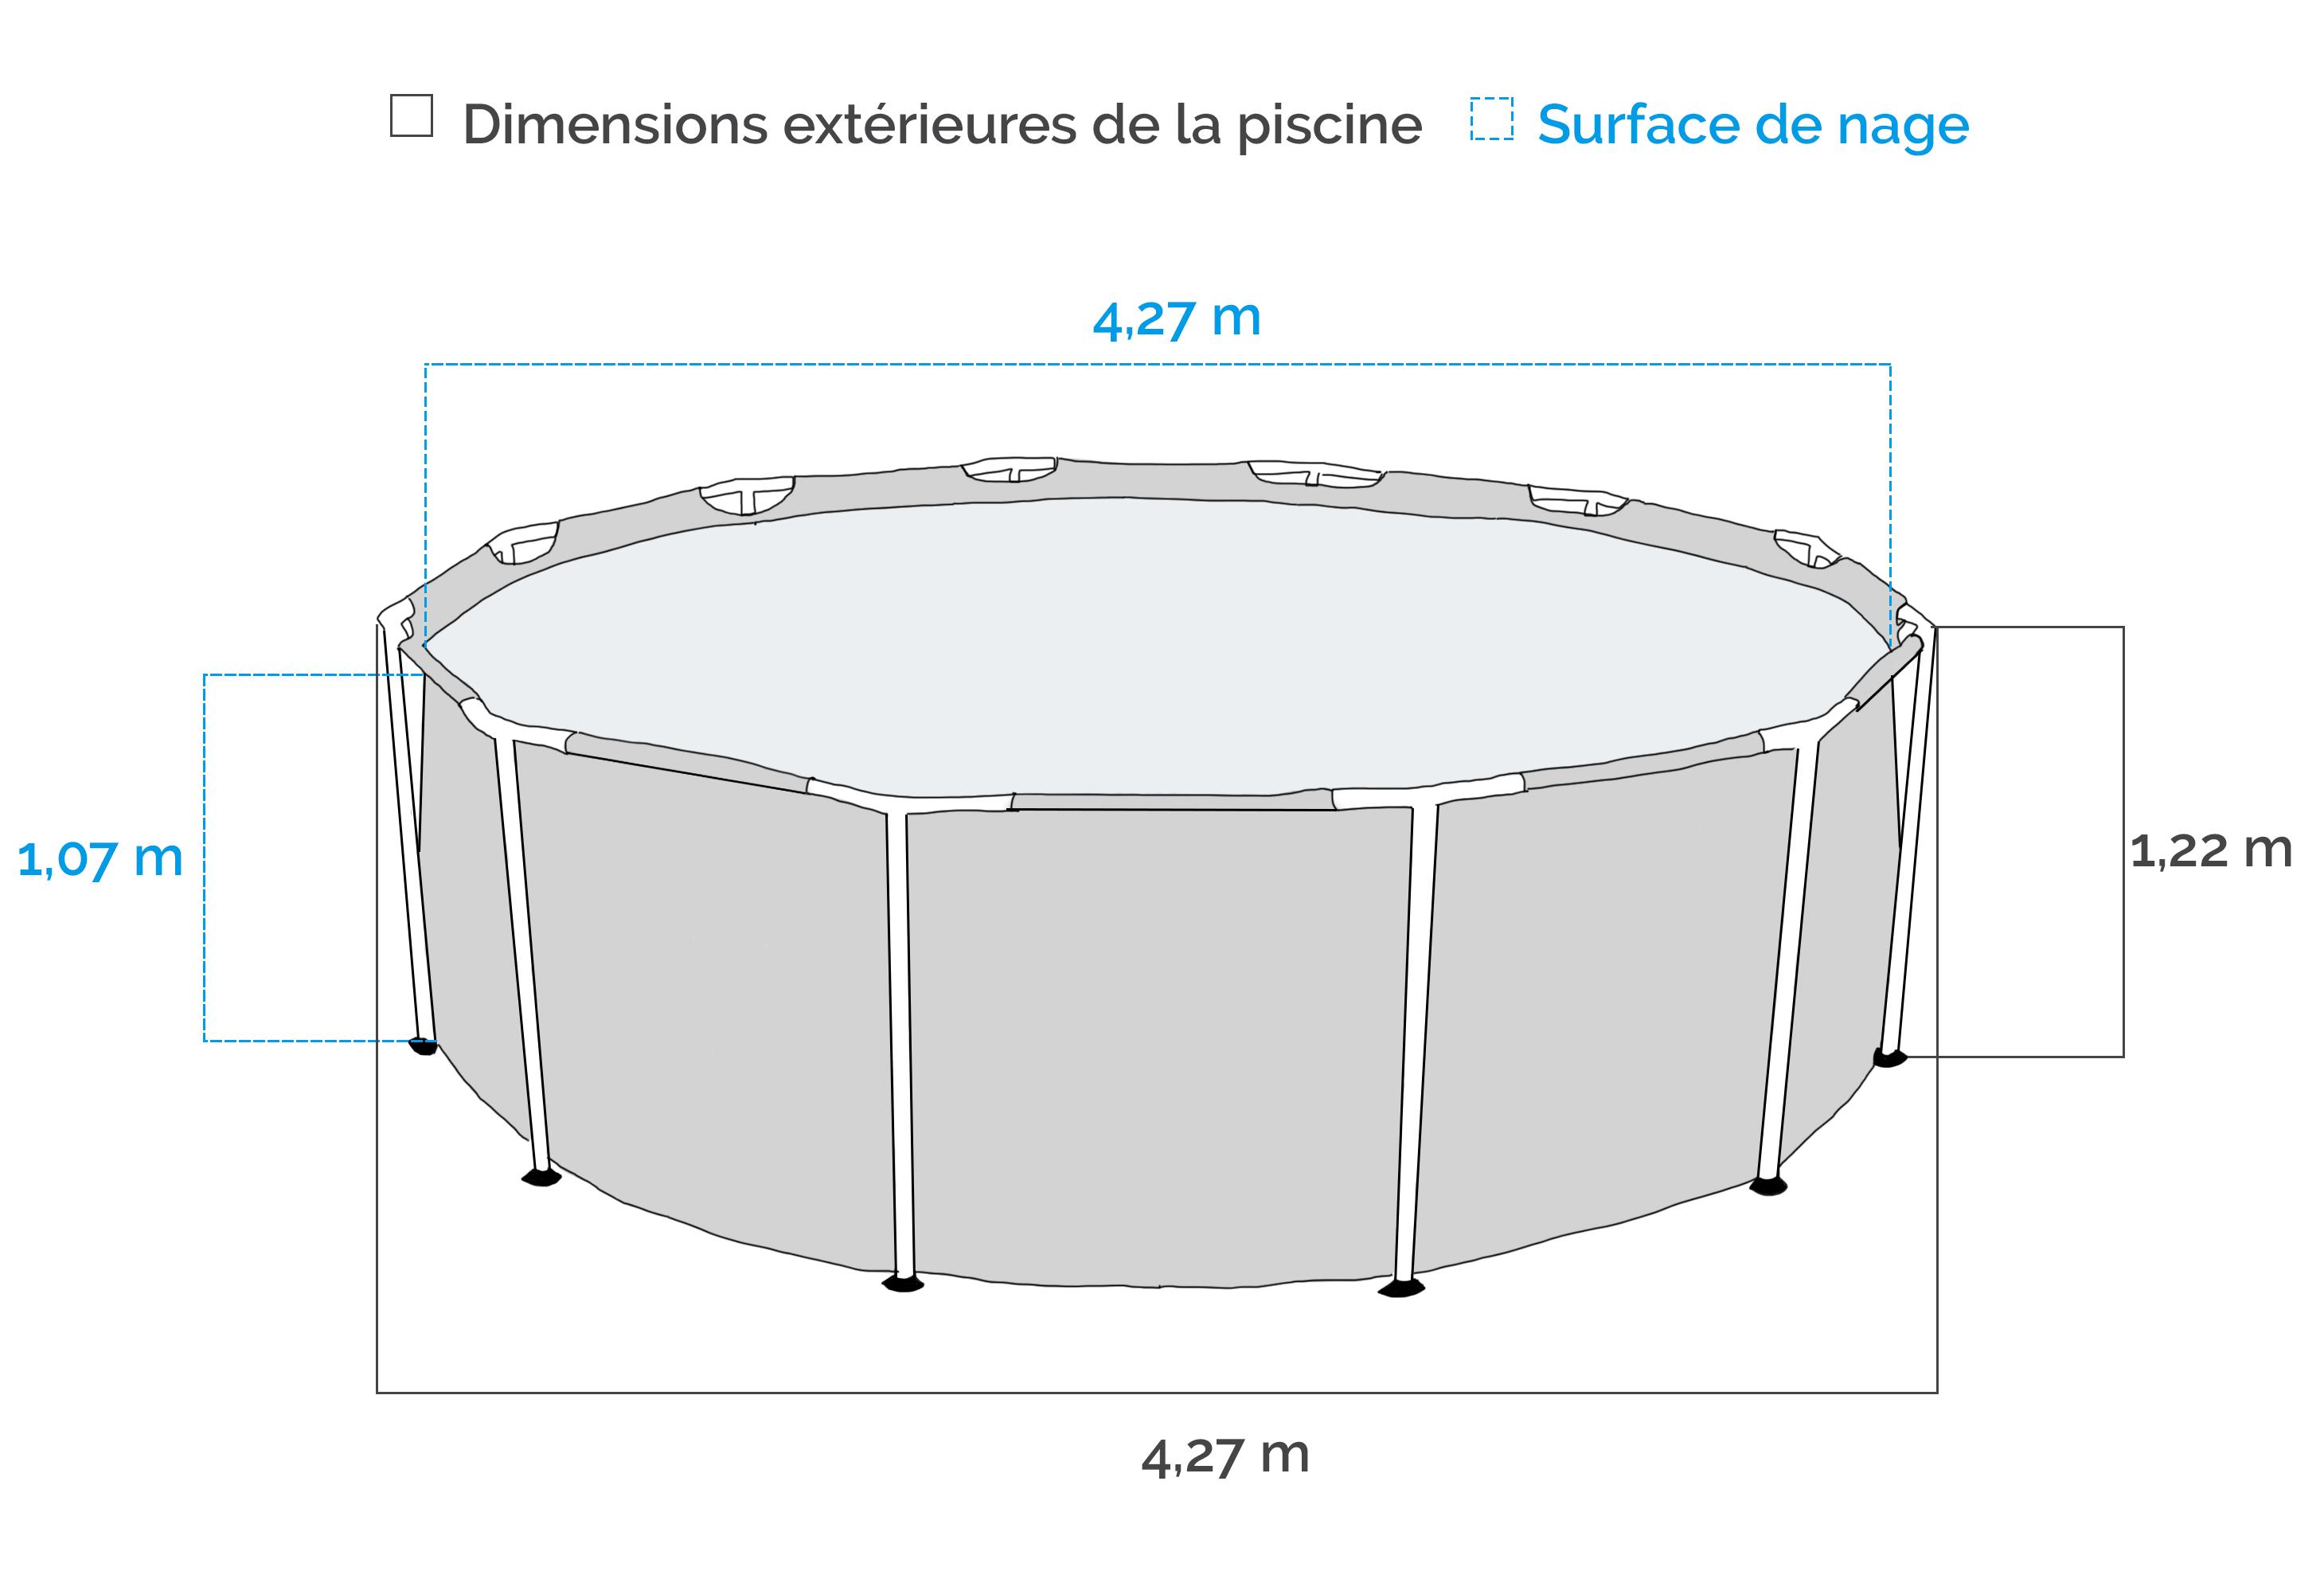 Piscine tubulaire intex 4 27 x 1 07 m de intex for Carrefour piscine tubulaire